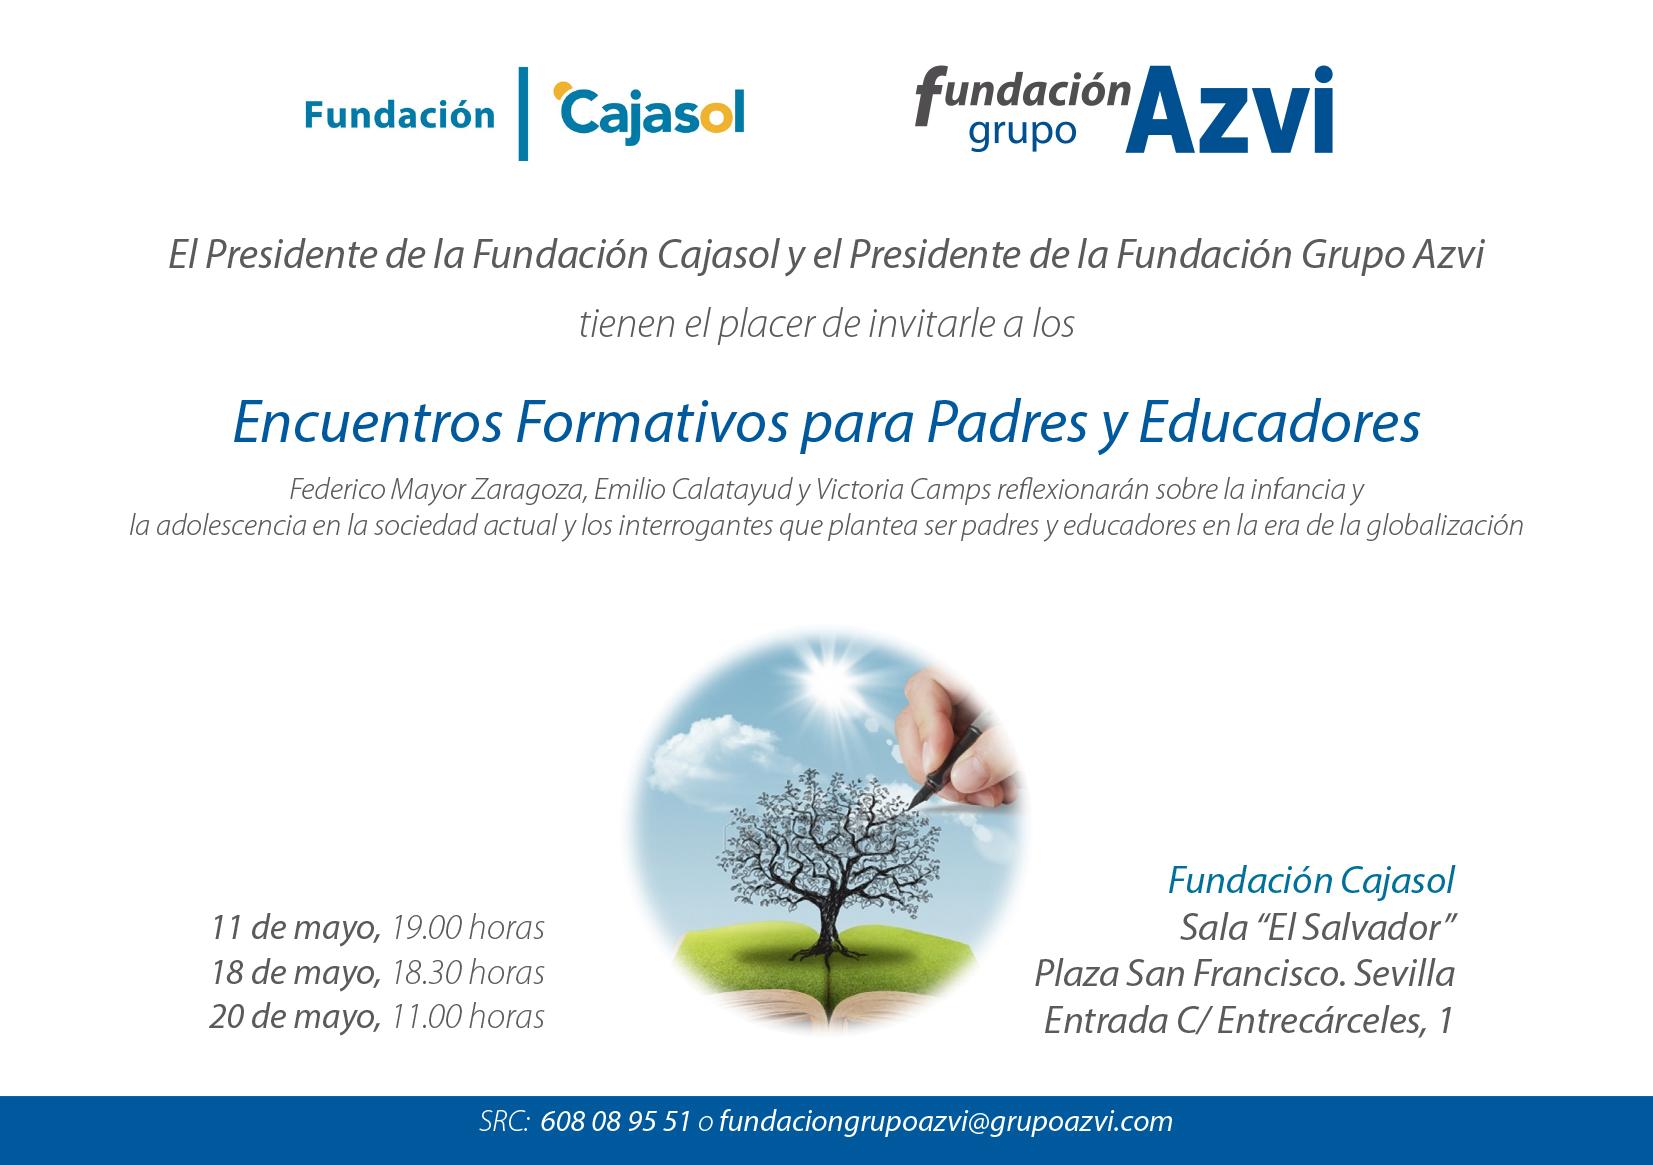 Encuentros Formativos para Padres y Educadores